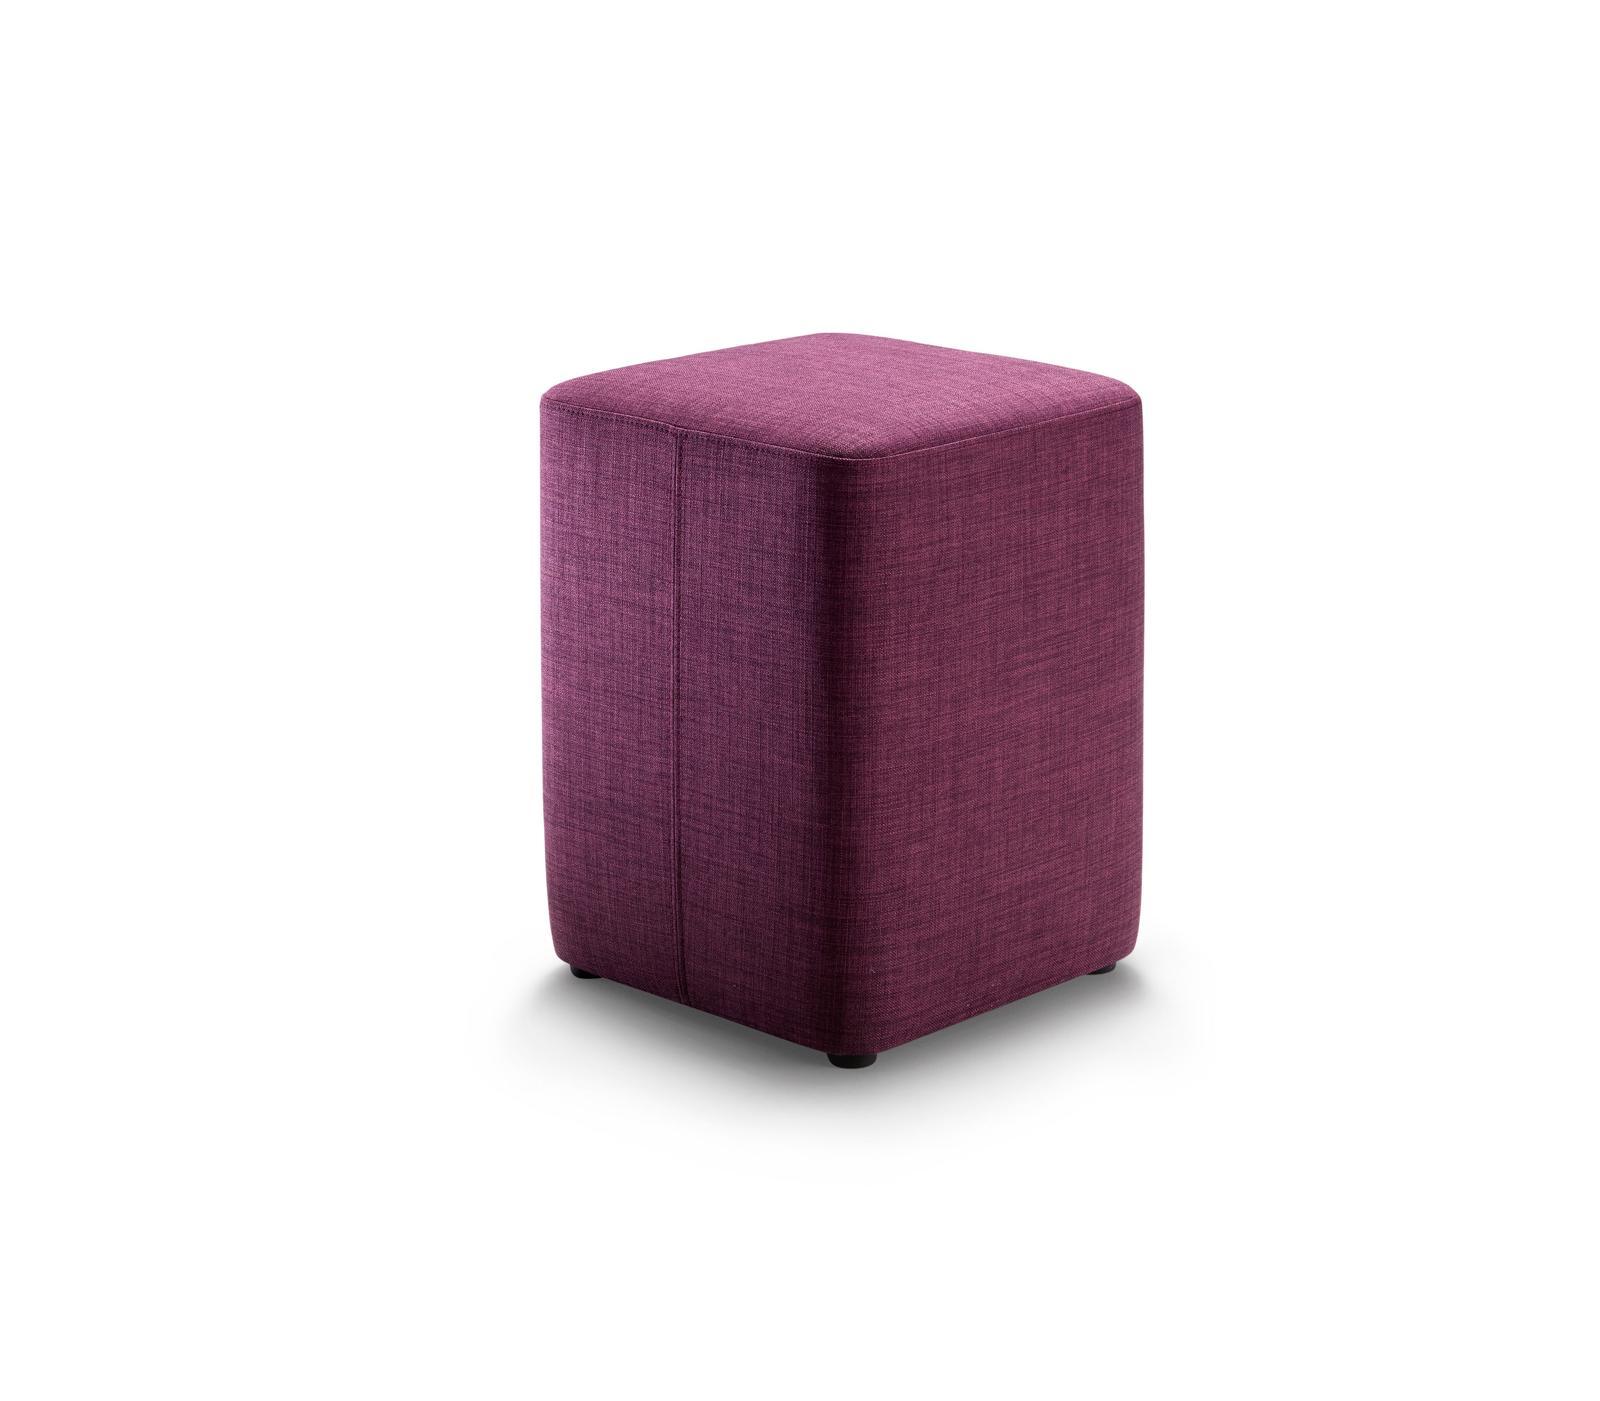 signet bono hocker der hocker mit dem tablett. Black Bedroom Furniture Sets. Home Design Ideas